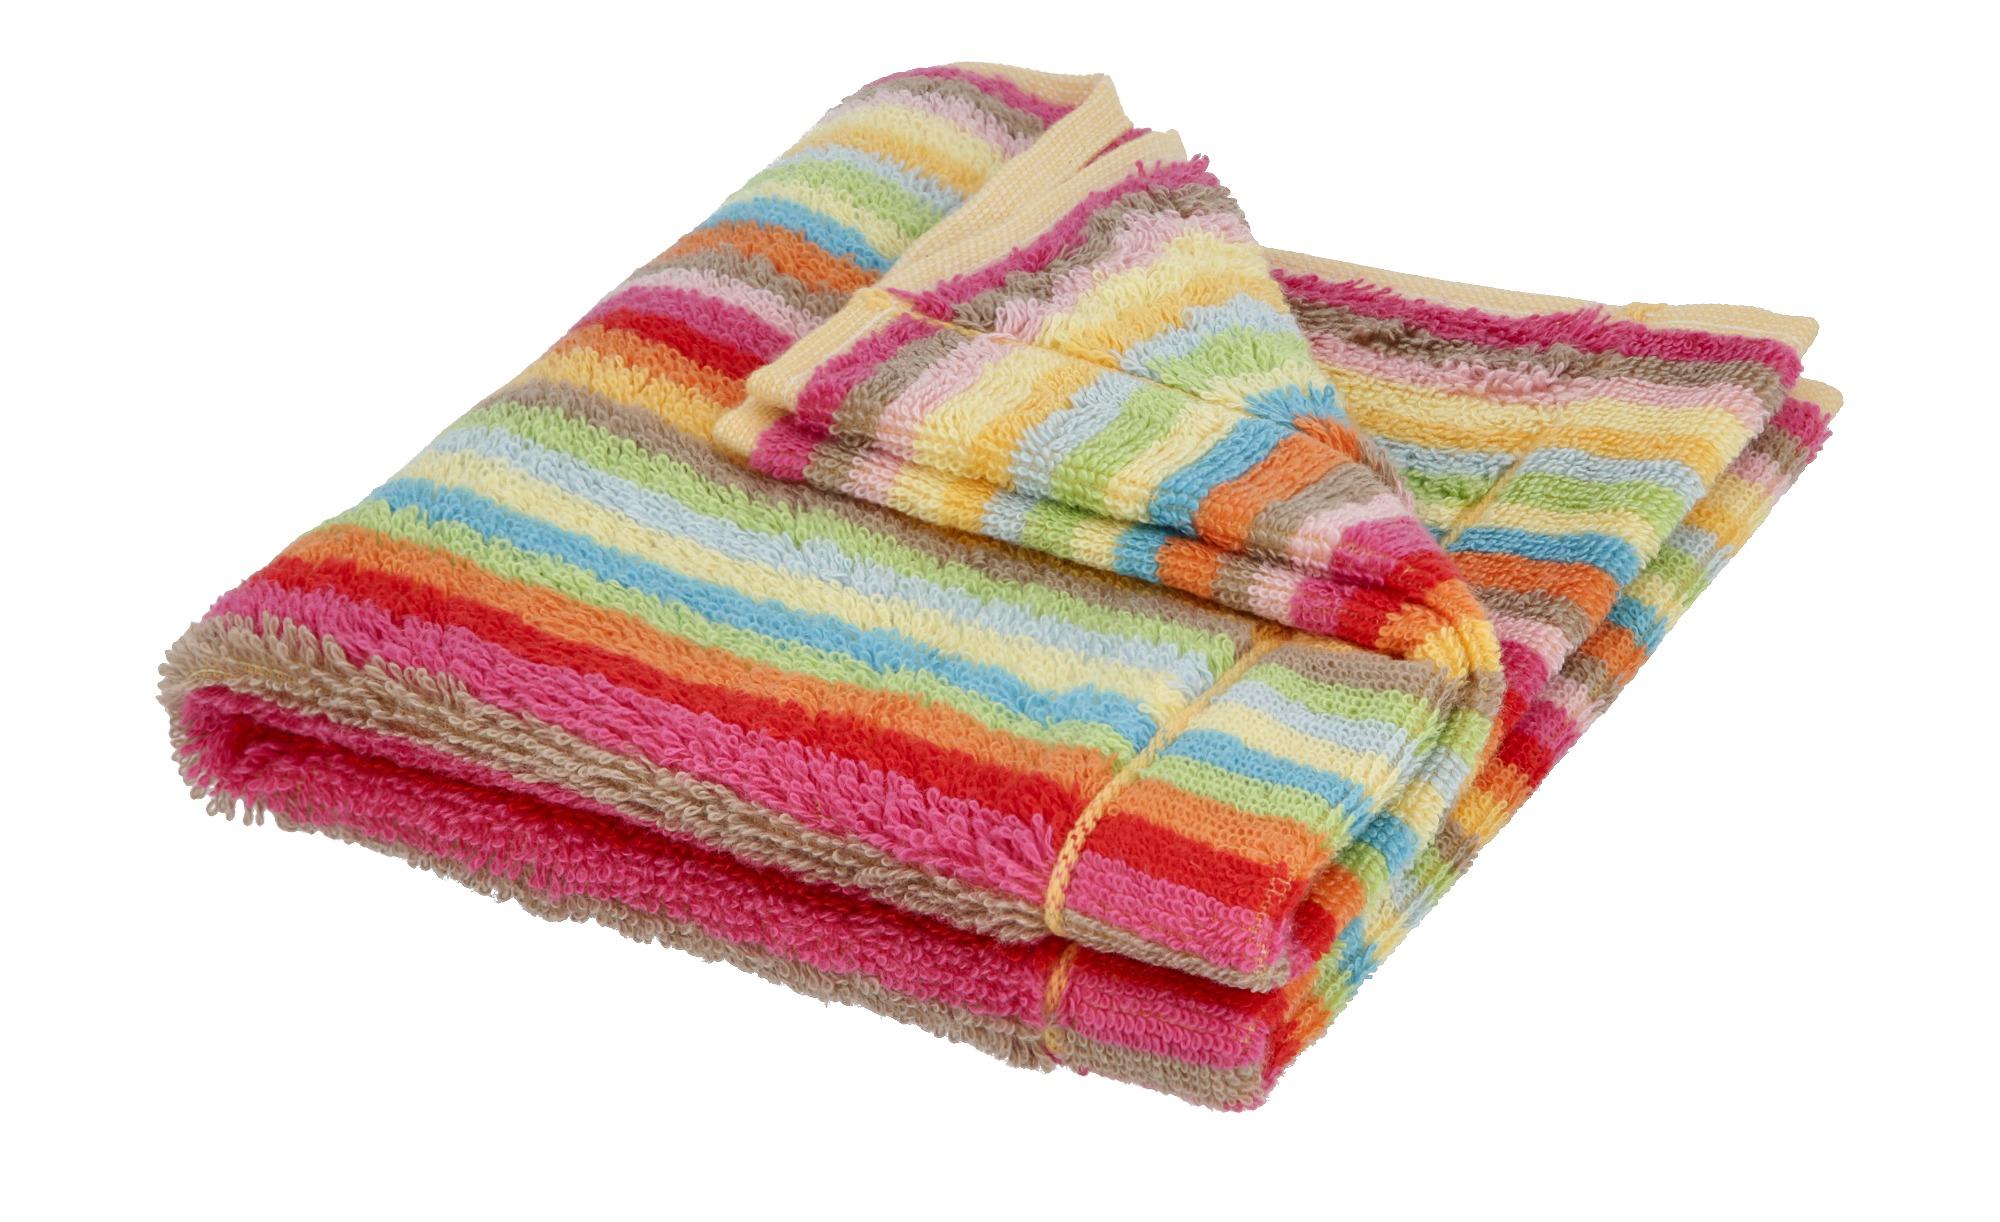 CaWö Seiftuch  7008 ¦ mehrfarbig ¦ 100% Baumwolle ¦ Maße (cm): B: 30 Badtextilien und Zubehör > Handtücher & Badetücher > Handtücher - Höffner